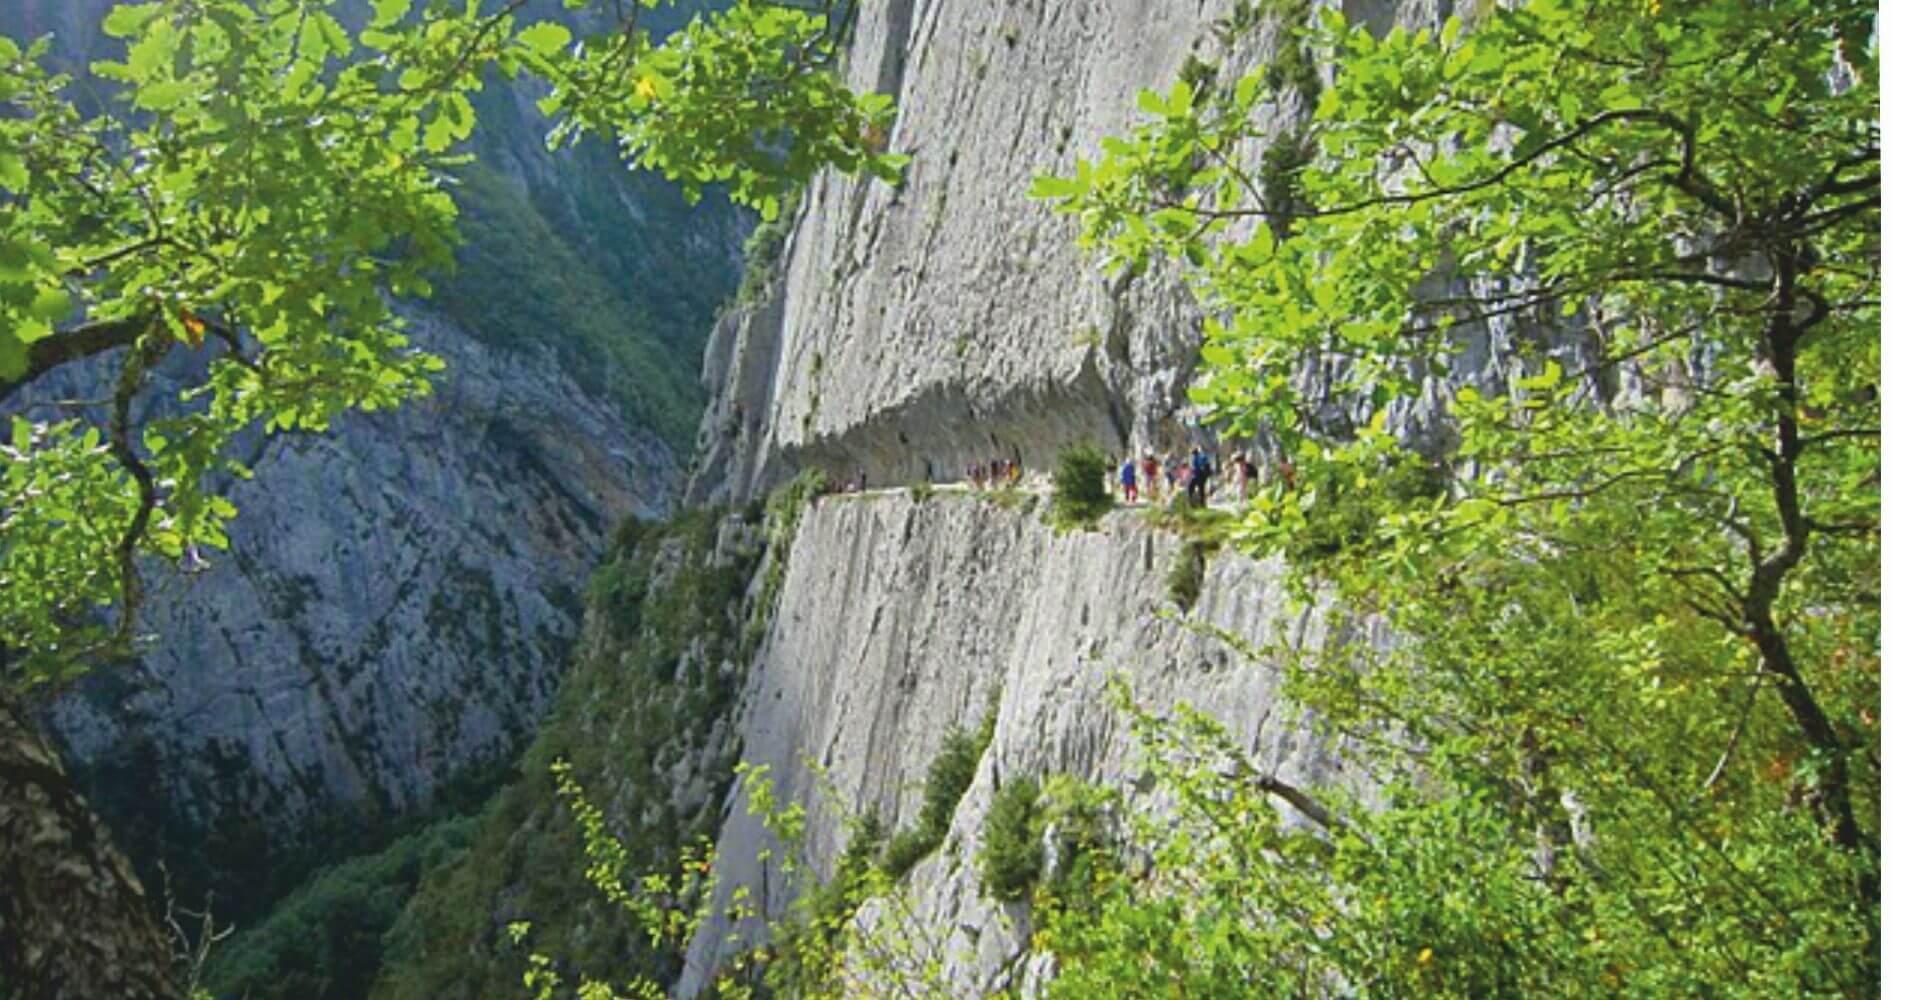 Chemin de la Mâture. Valle de Aspe. Etsaut. Pirineos Atlánticos. Nueva Aquitania en Francia.